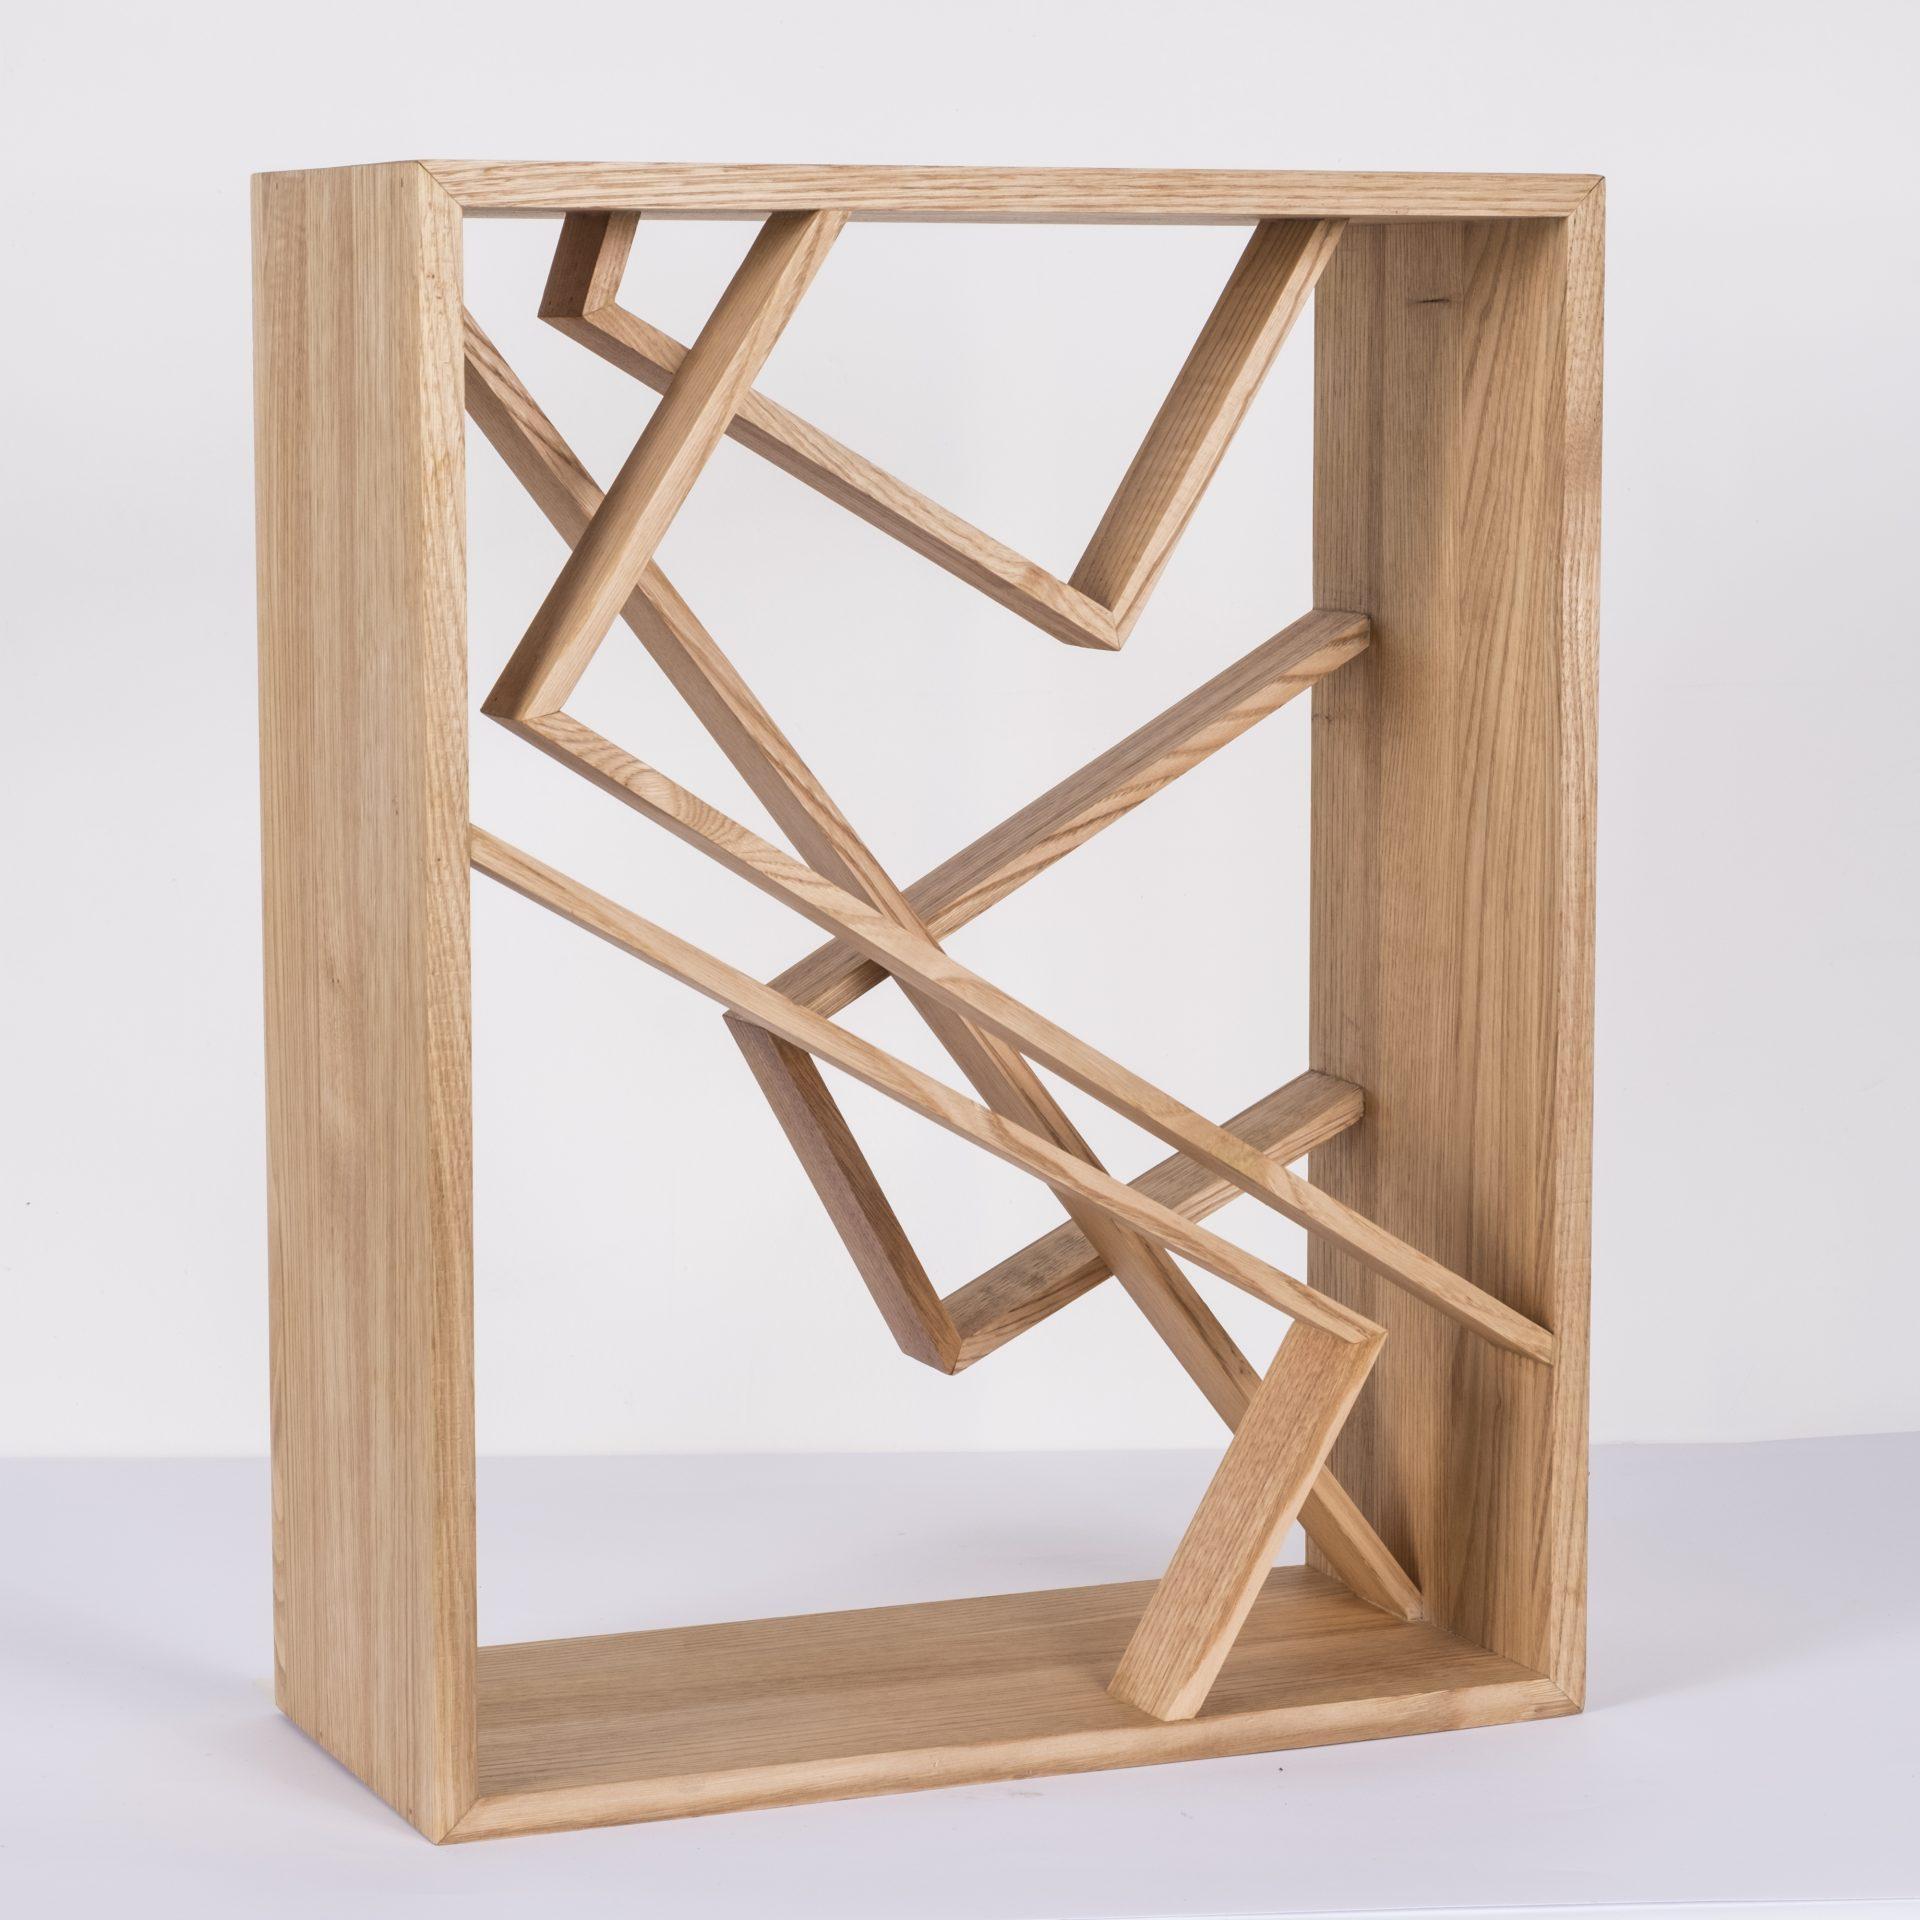 Unlimited in Dynamo<br>RMR26<br>misure: circa 44 x 56 cm<br>tecnica: legno castagno <br>anno: 2018<br><br>DISPONIBILE